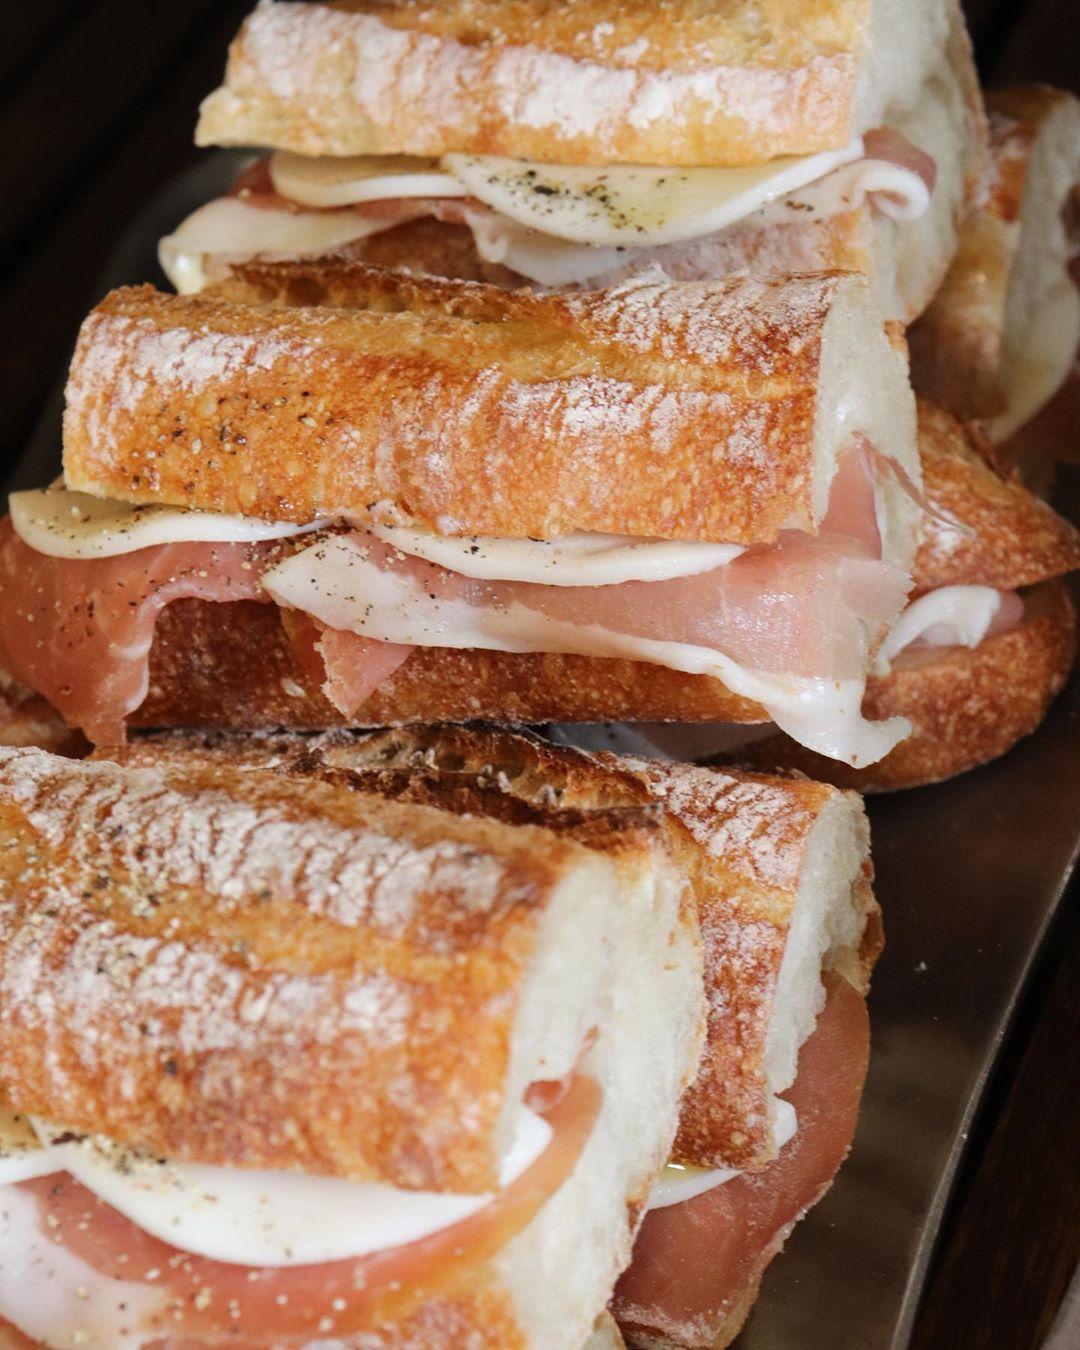 「ツナ プロヴァンサルのサンドウィッチ」や「特製卵サンド」他、サンドウィッチ各種は10:00~10:30頃ご用意します(2021.02.19)